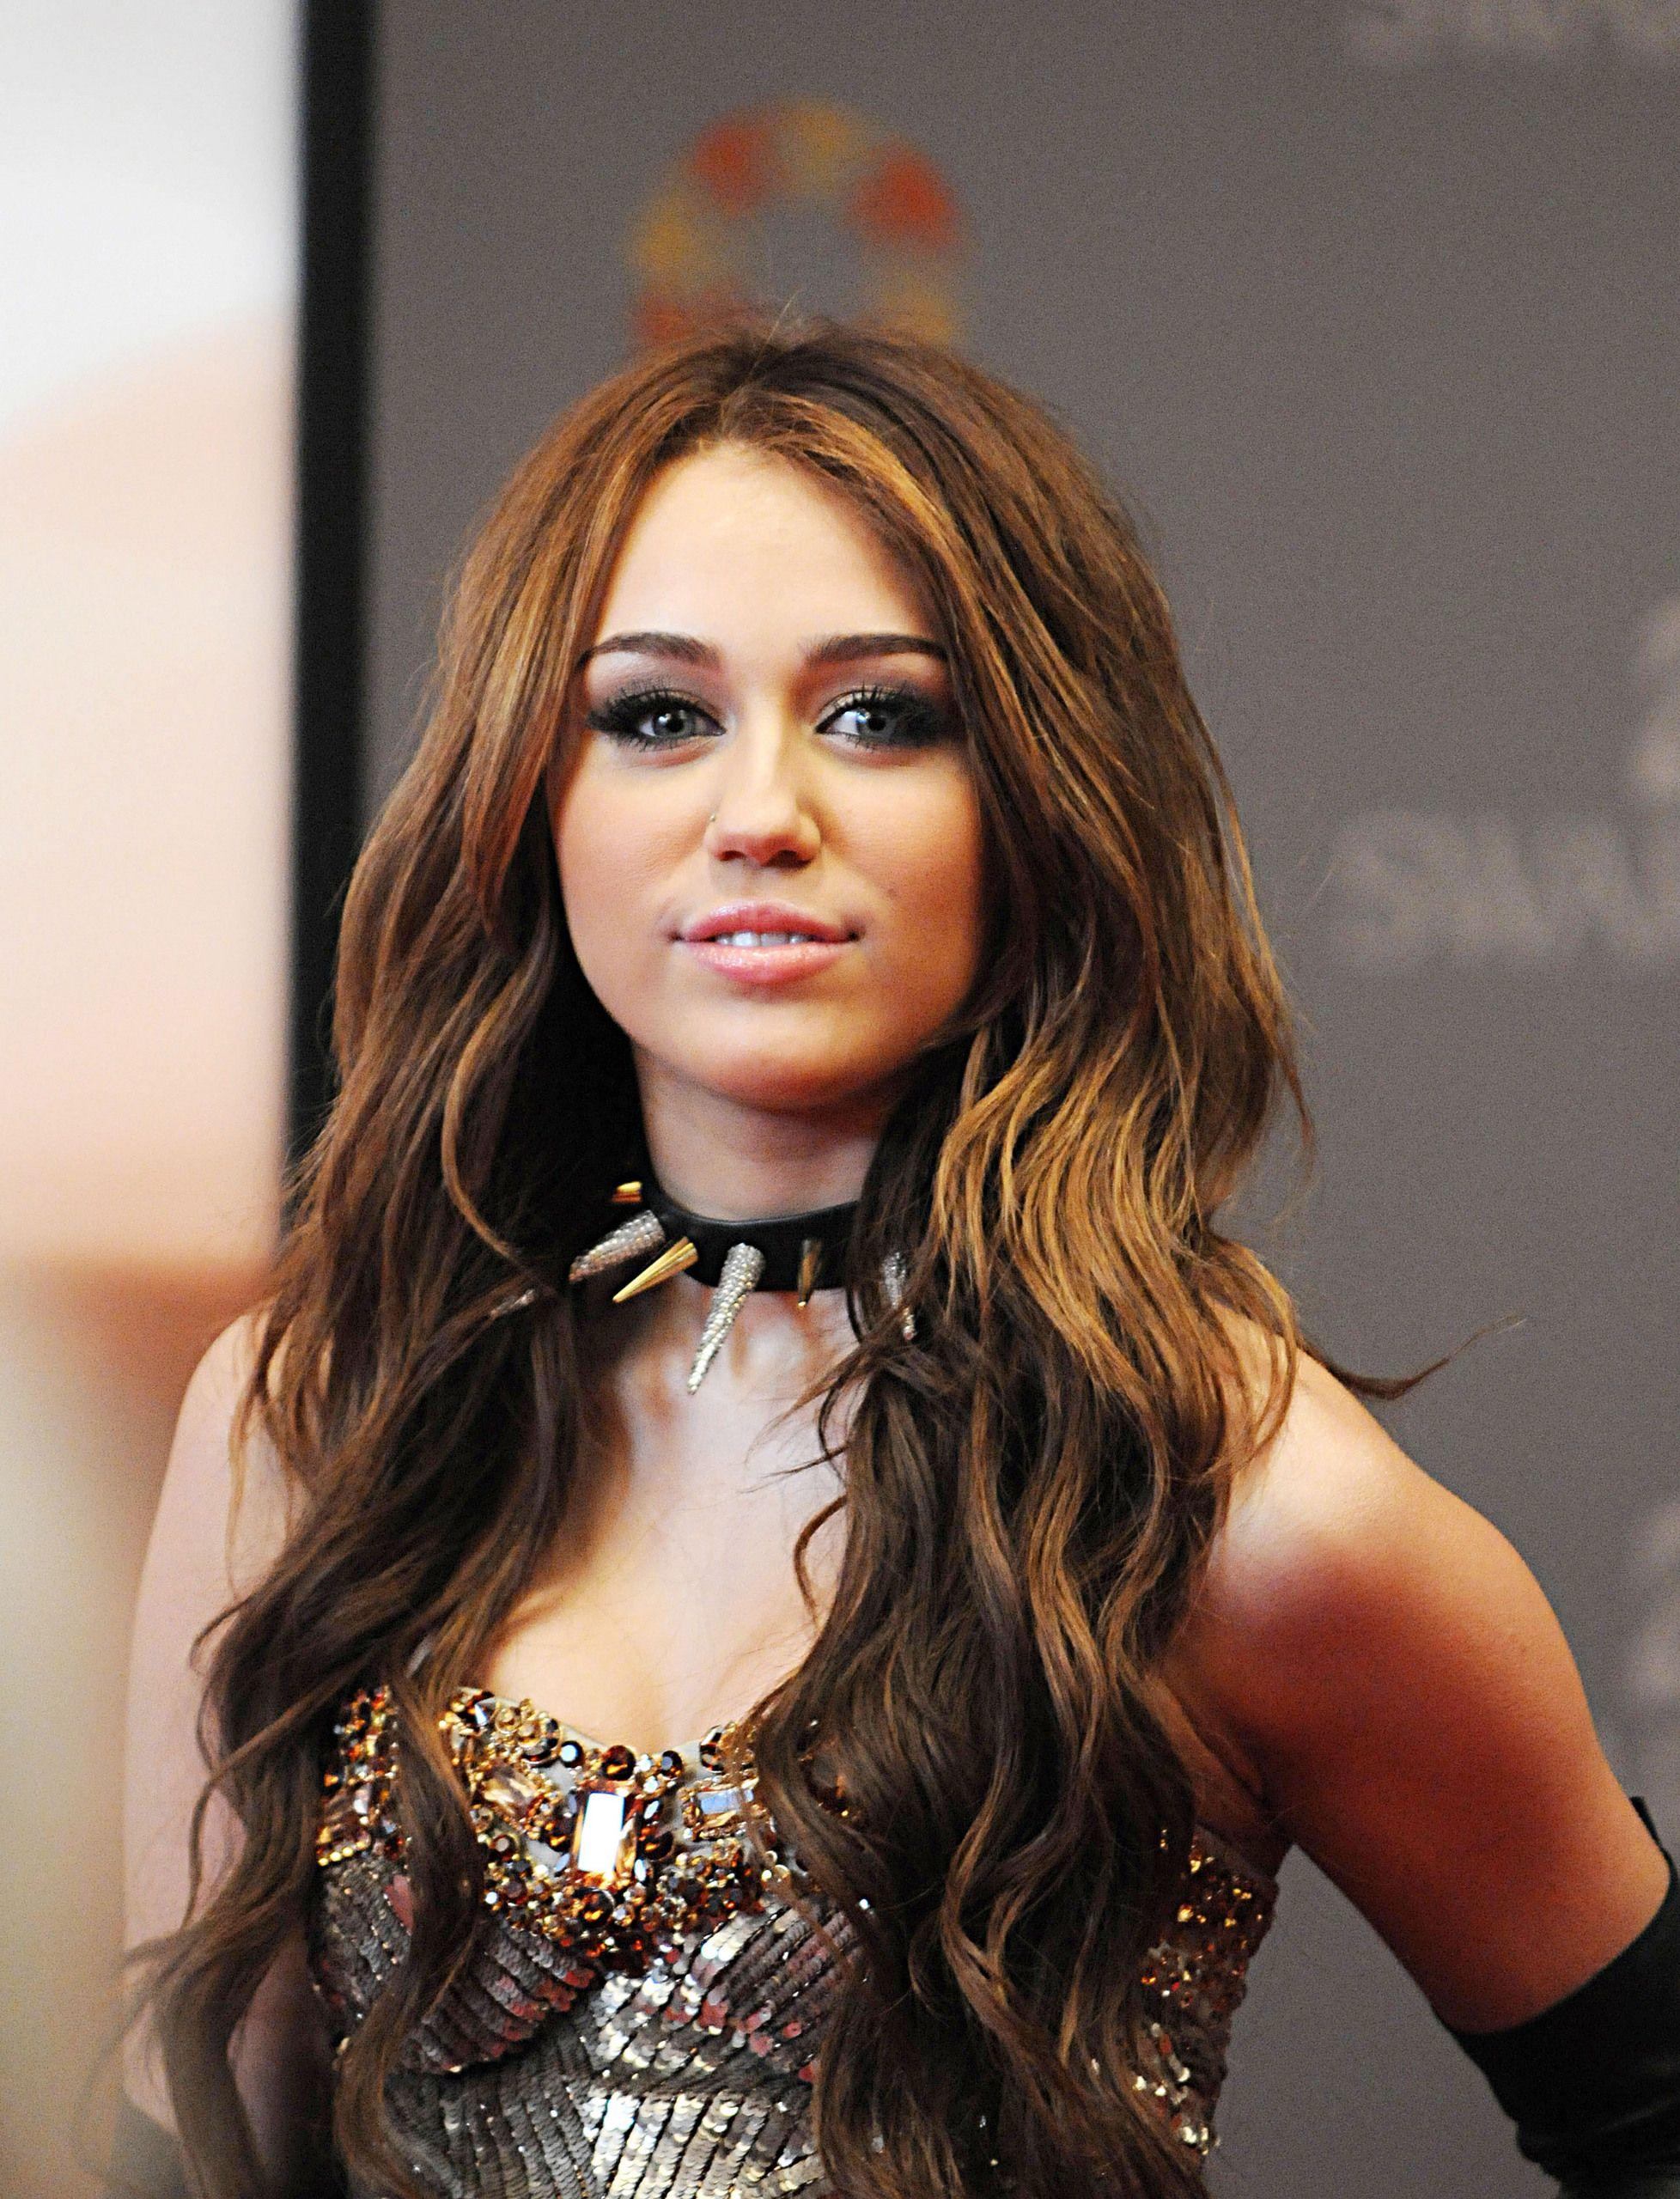 Miley Cyrus Photo Miley Cyrus Miley Cyrus Hair Miley Cyrus Brown Hair Hair Styles